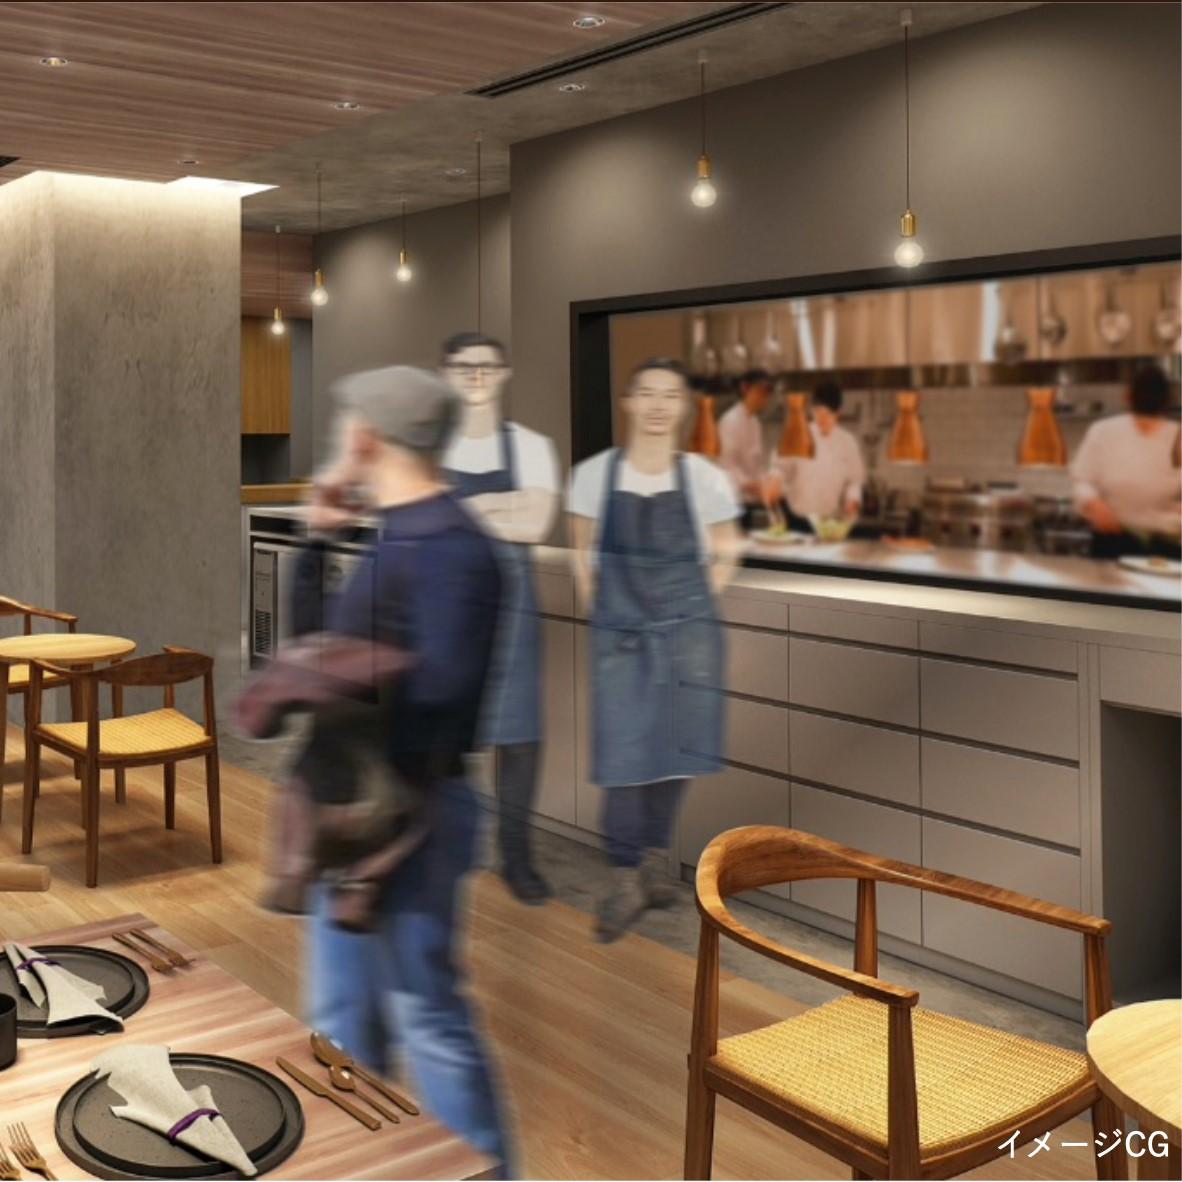 2021年2月本格オープン♪東北食材を使った料理、東北地方をコンセプトのダイニングカフェで接客☆